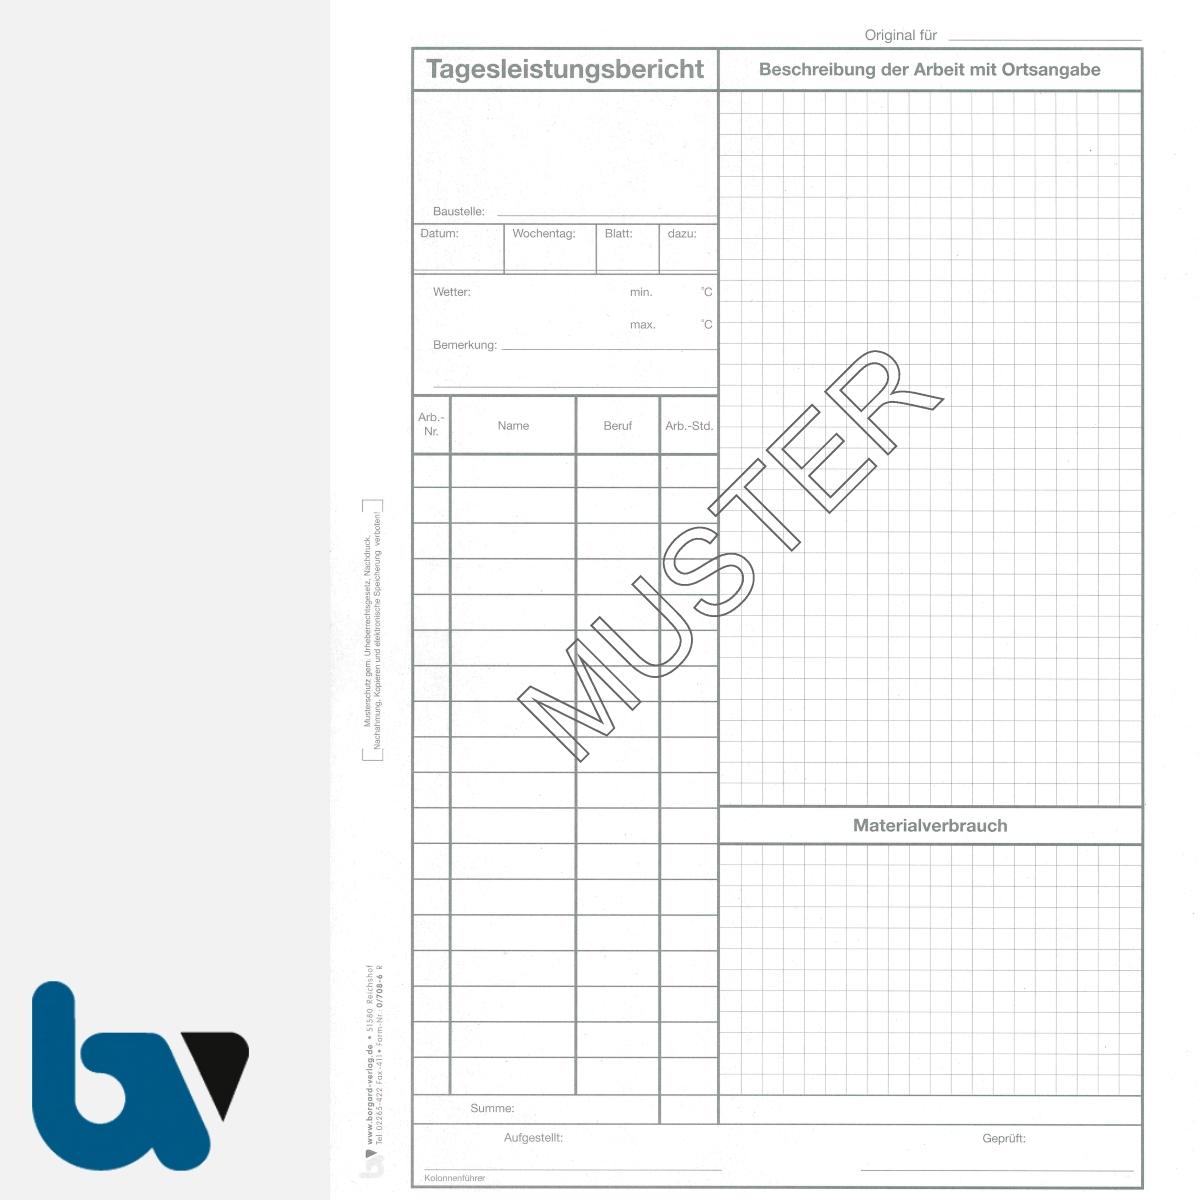 0/708-6 Tagesleistungsbericht Baustelle Arbeit Material selbstdurchschreibend Einschlagdeckel Durchschreibeschutz Schreibschutzdeckel perforiert DIN A4 Seite 1 | Borgard Verlag GmbH